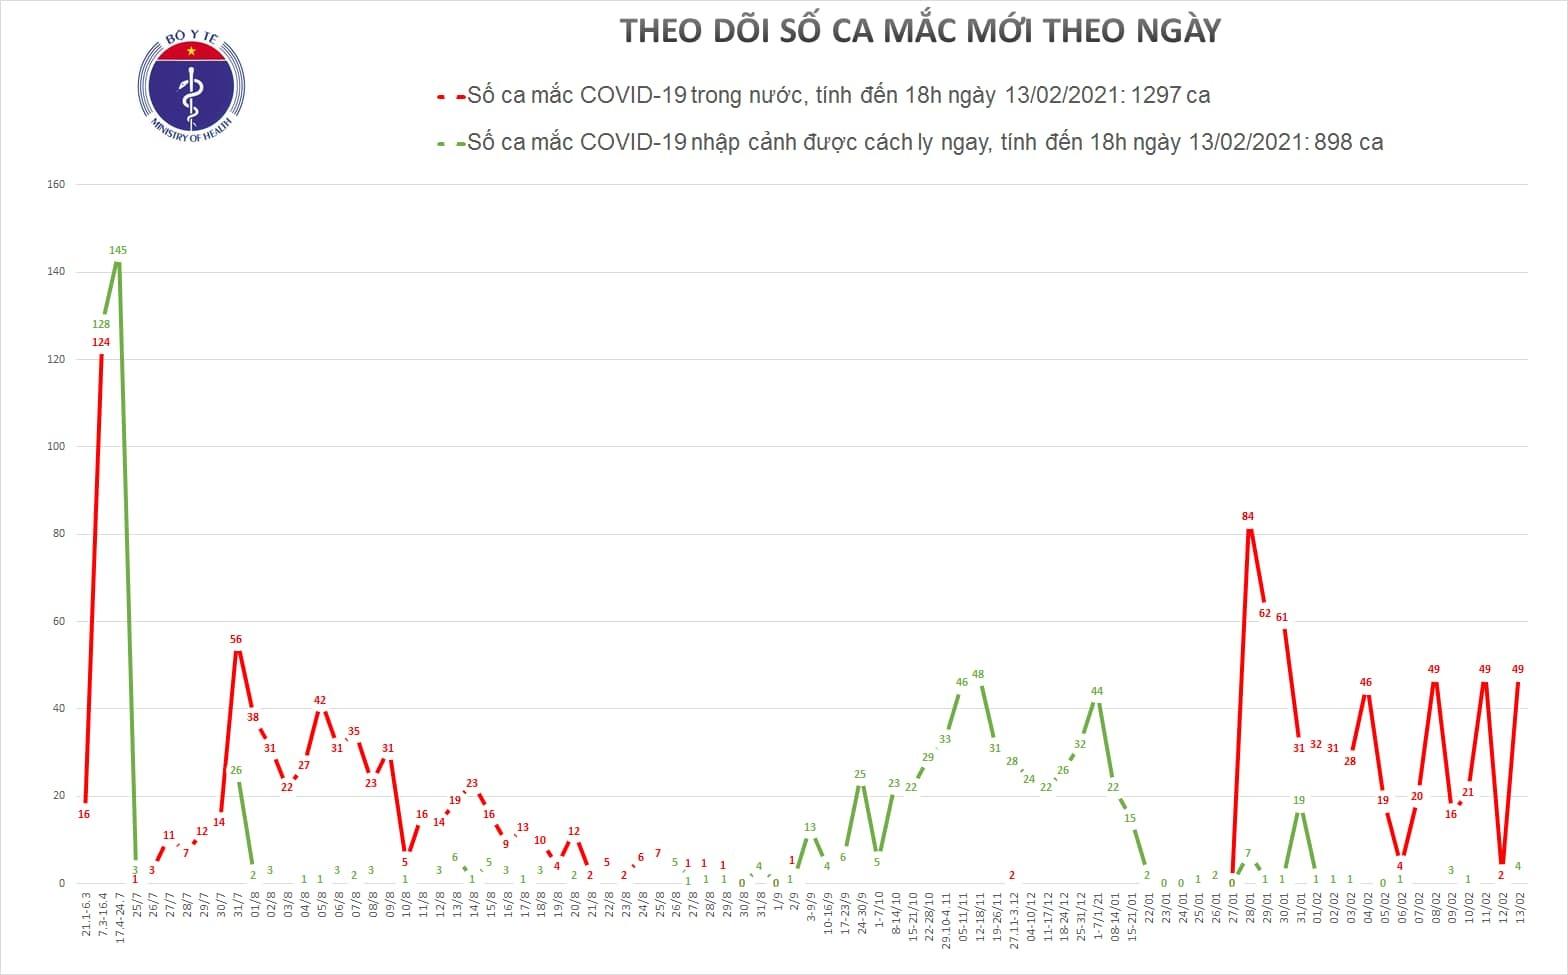 Chiều mùng 2 Tết, 49 ca Covid-19 cộng đồng tại Hải Dương, TP.HCM